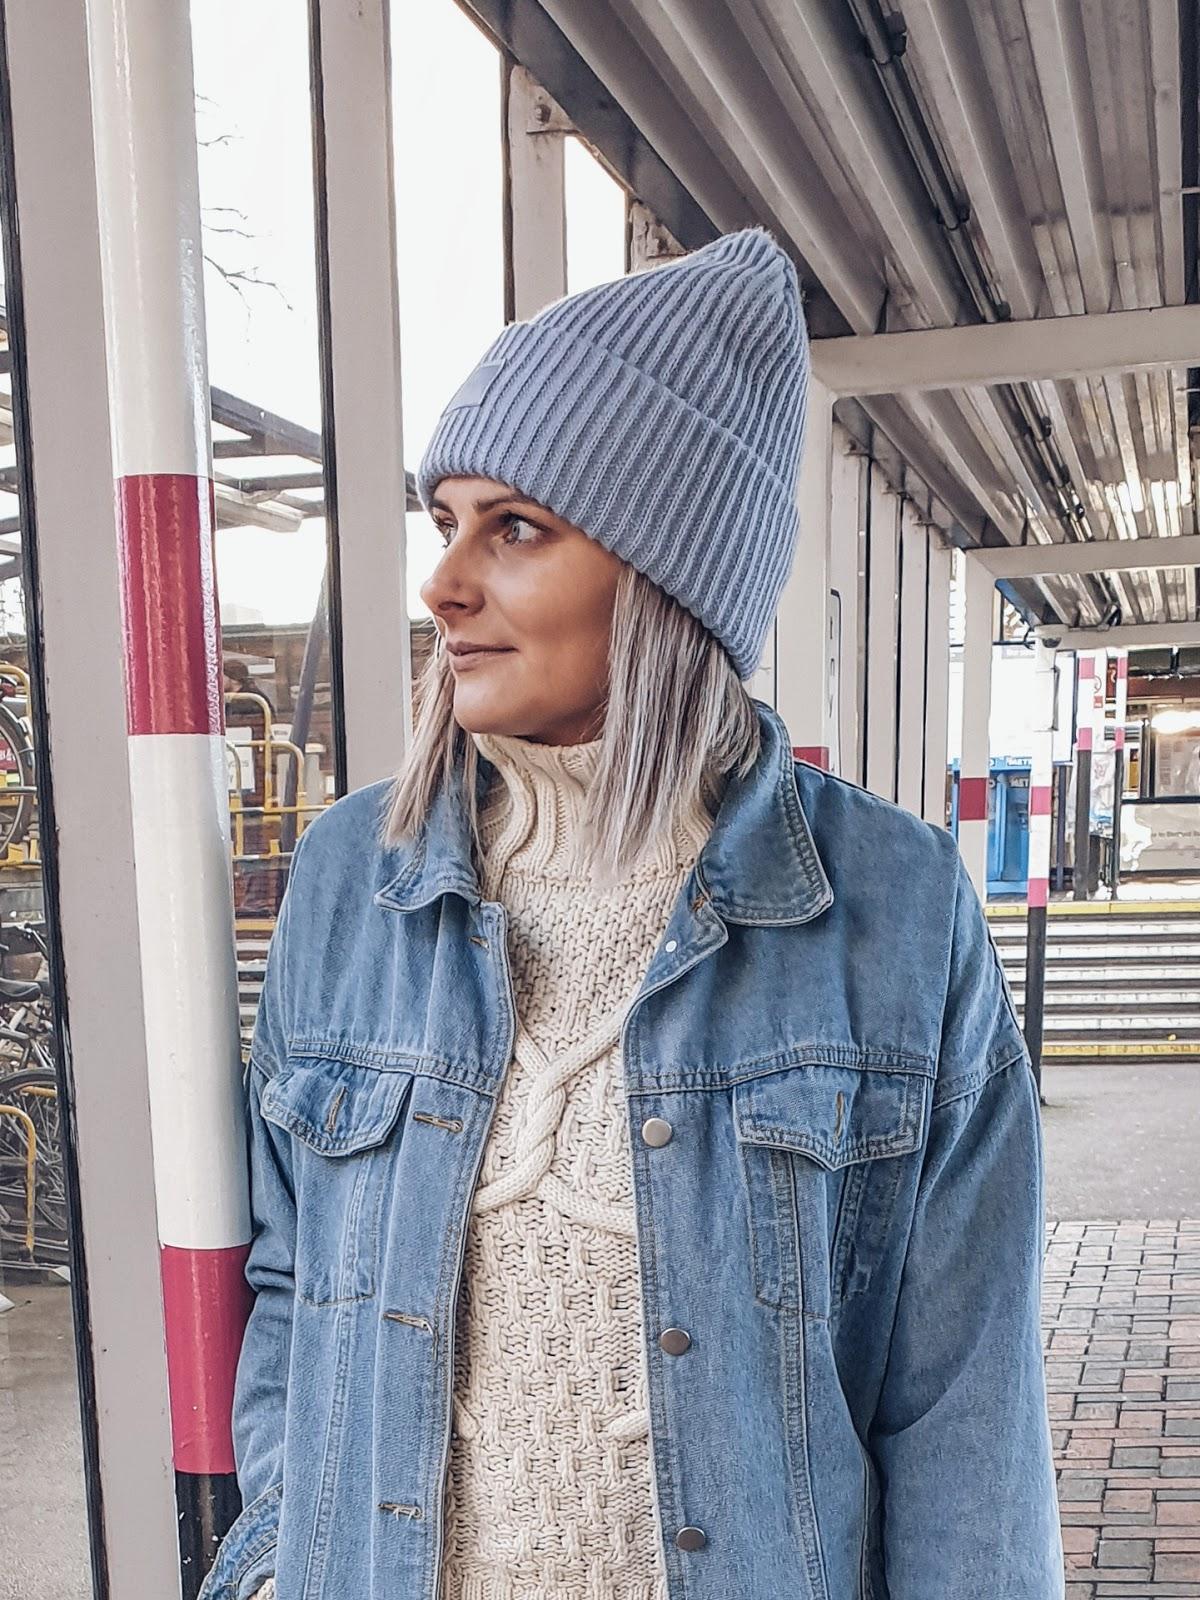 Satin Slip dress & western boots czyli wiosenny zestaw i bieliźniana sukienka